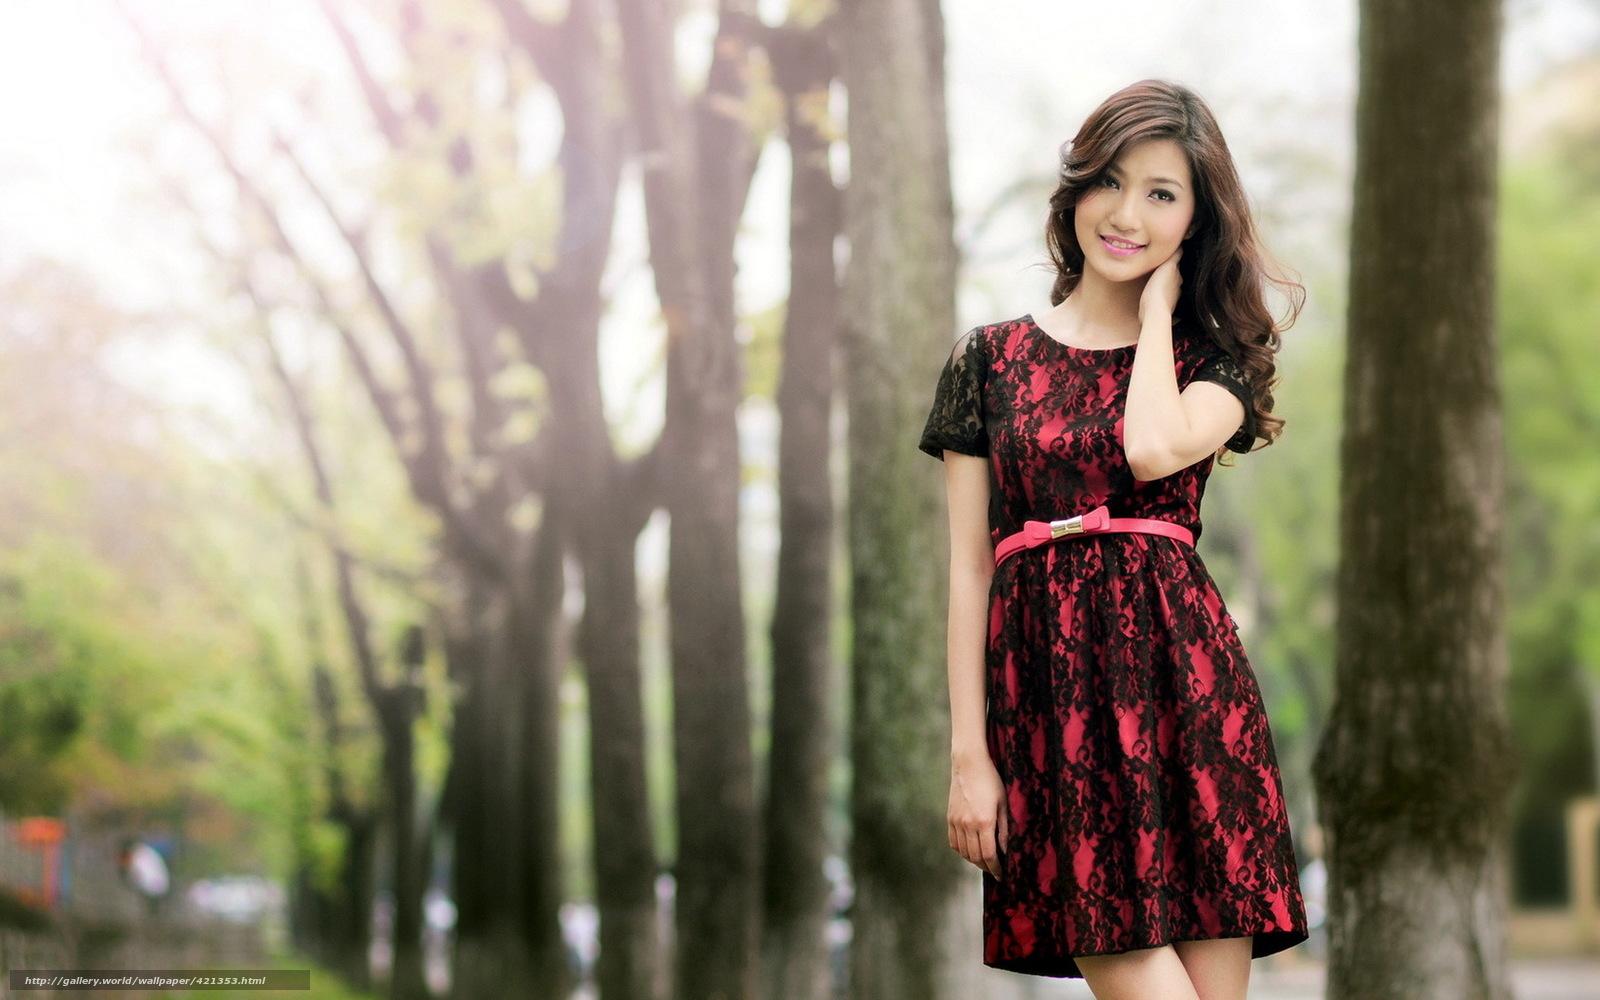 Фото девушек кореянок в одежде 7 фотография